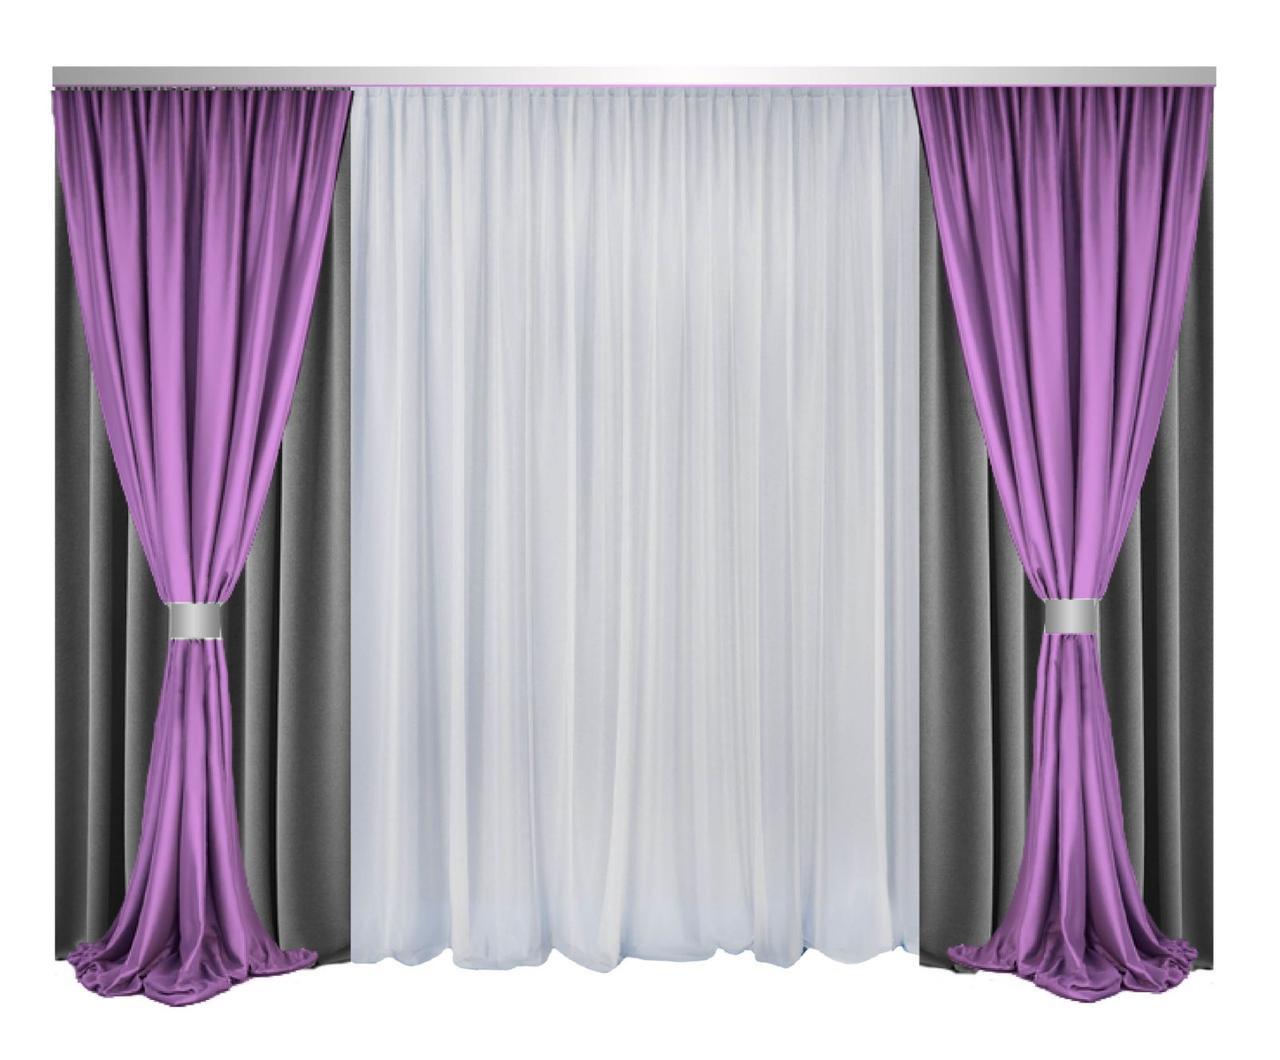 Комплект штор и тюли Декорин Блекаут Дабл Фулл Хаус  Темно-Серые с Фиолетовый и белым шторы 200x270 см 4 шт вуаль тюль 600х270 1 шт два подхвата